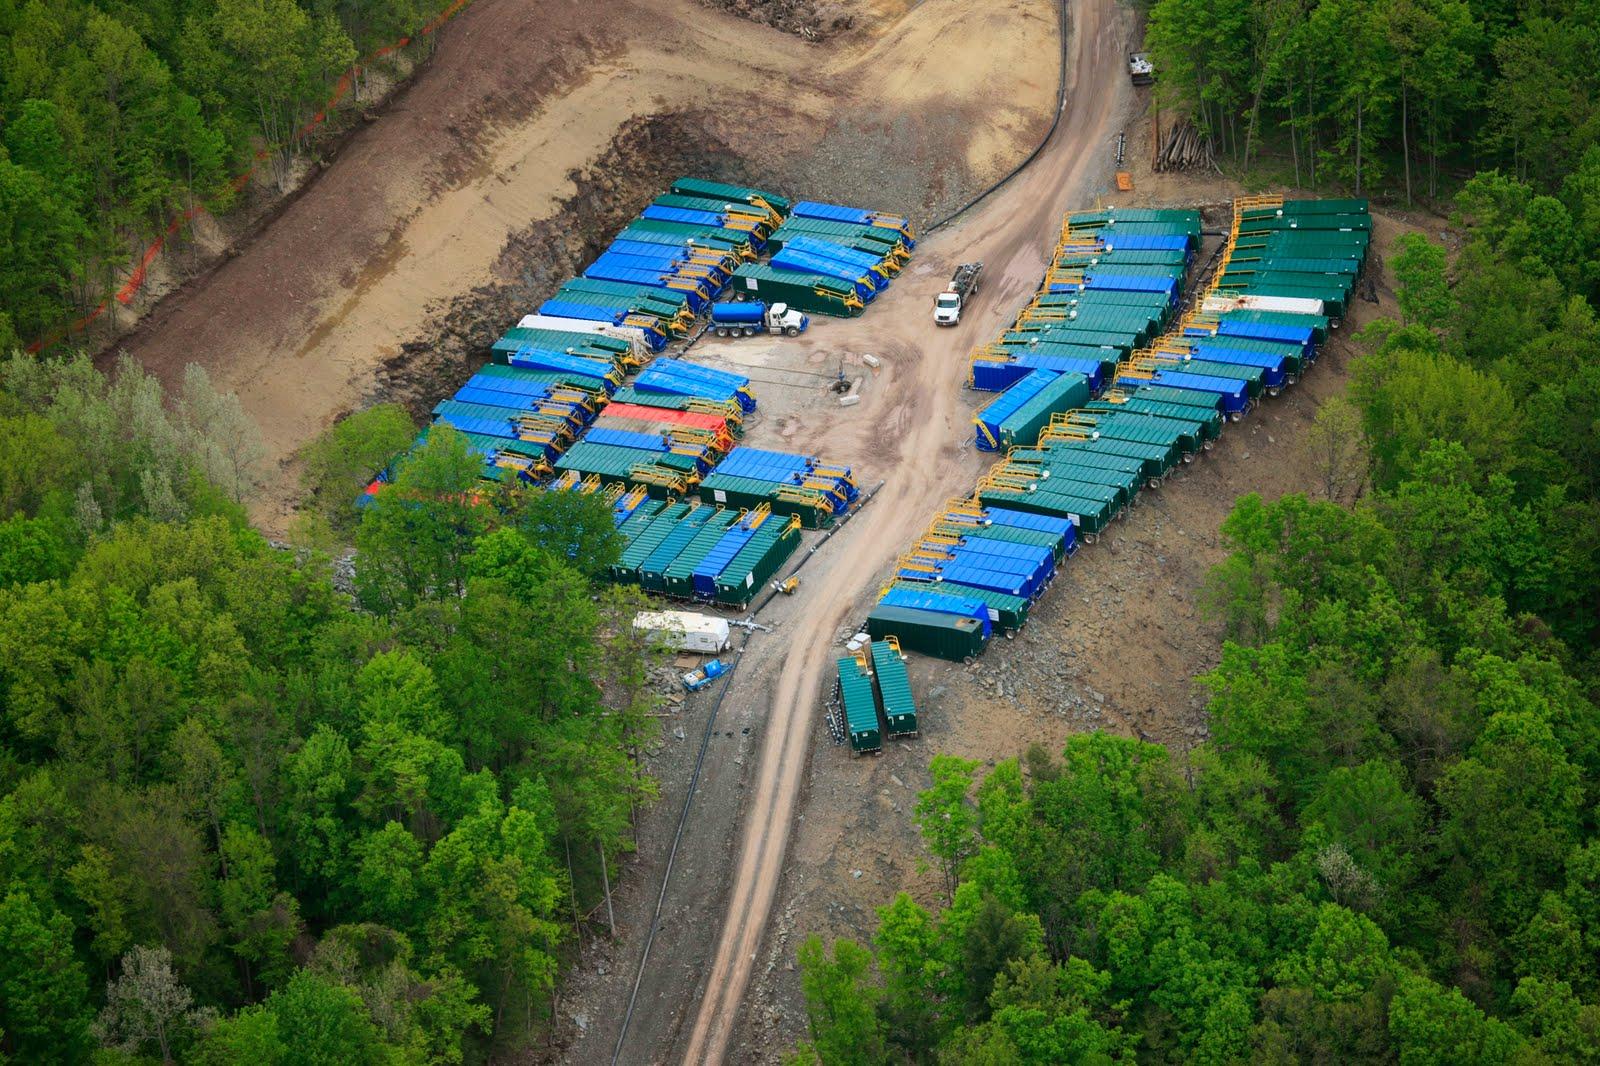 trucks storing fracking water